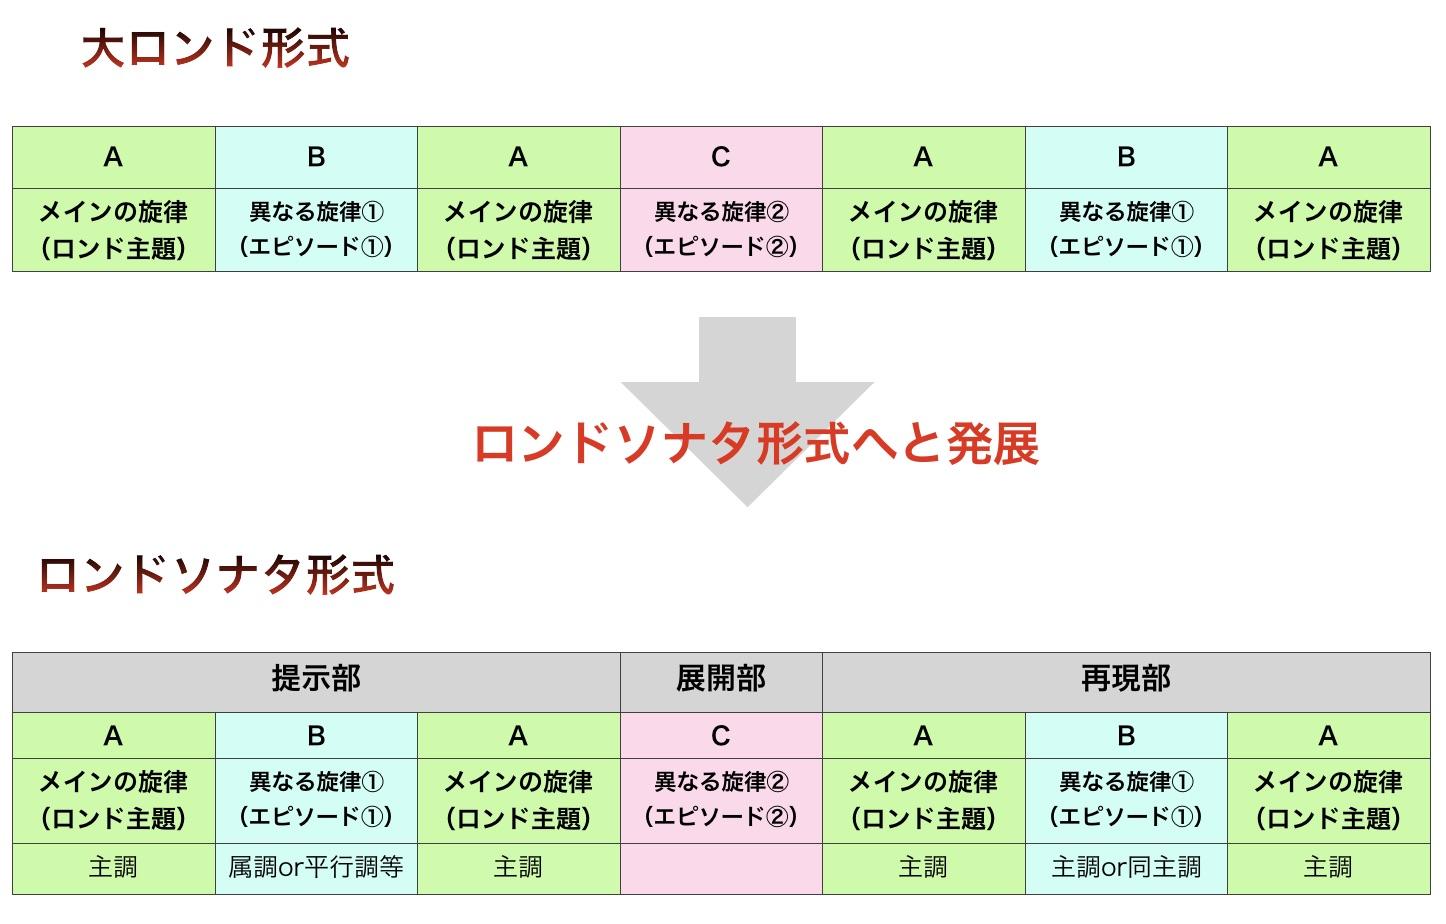 「大ロンド形式からロンドソナタ形式へと発展」の図